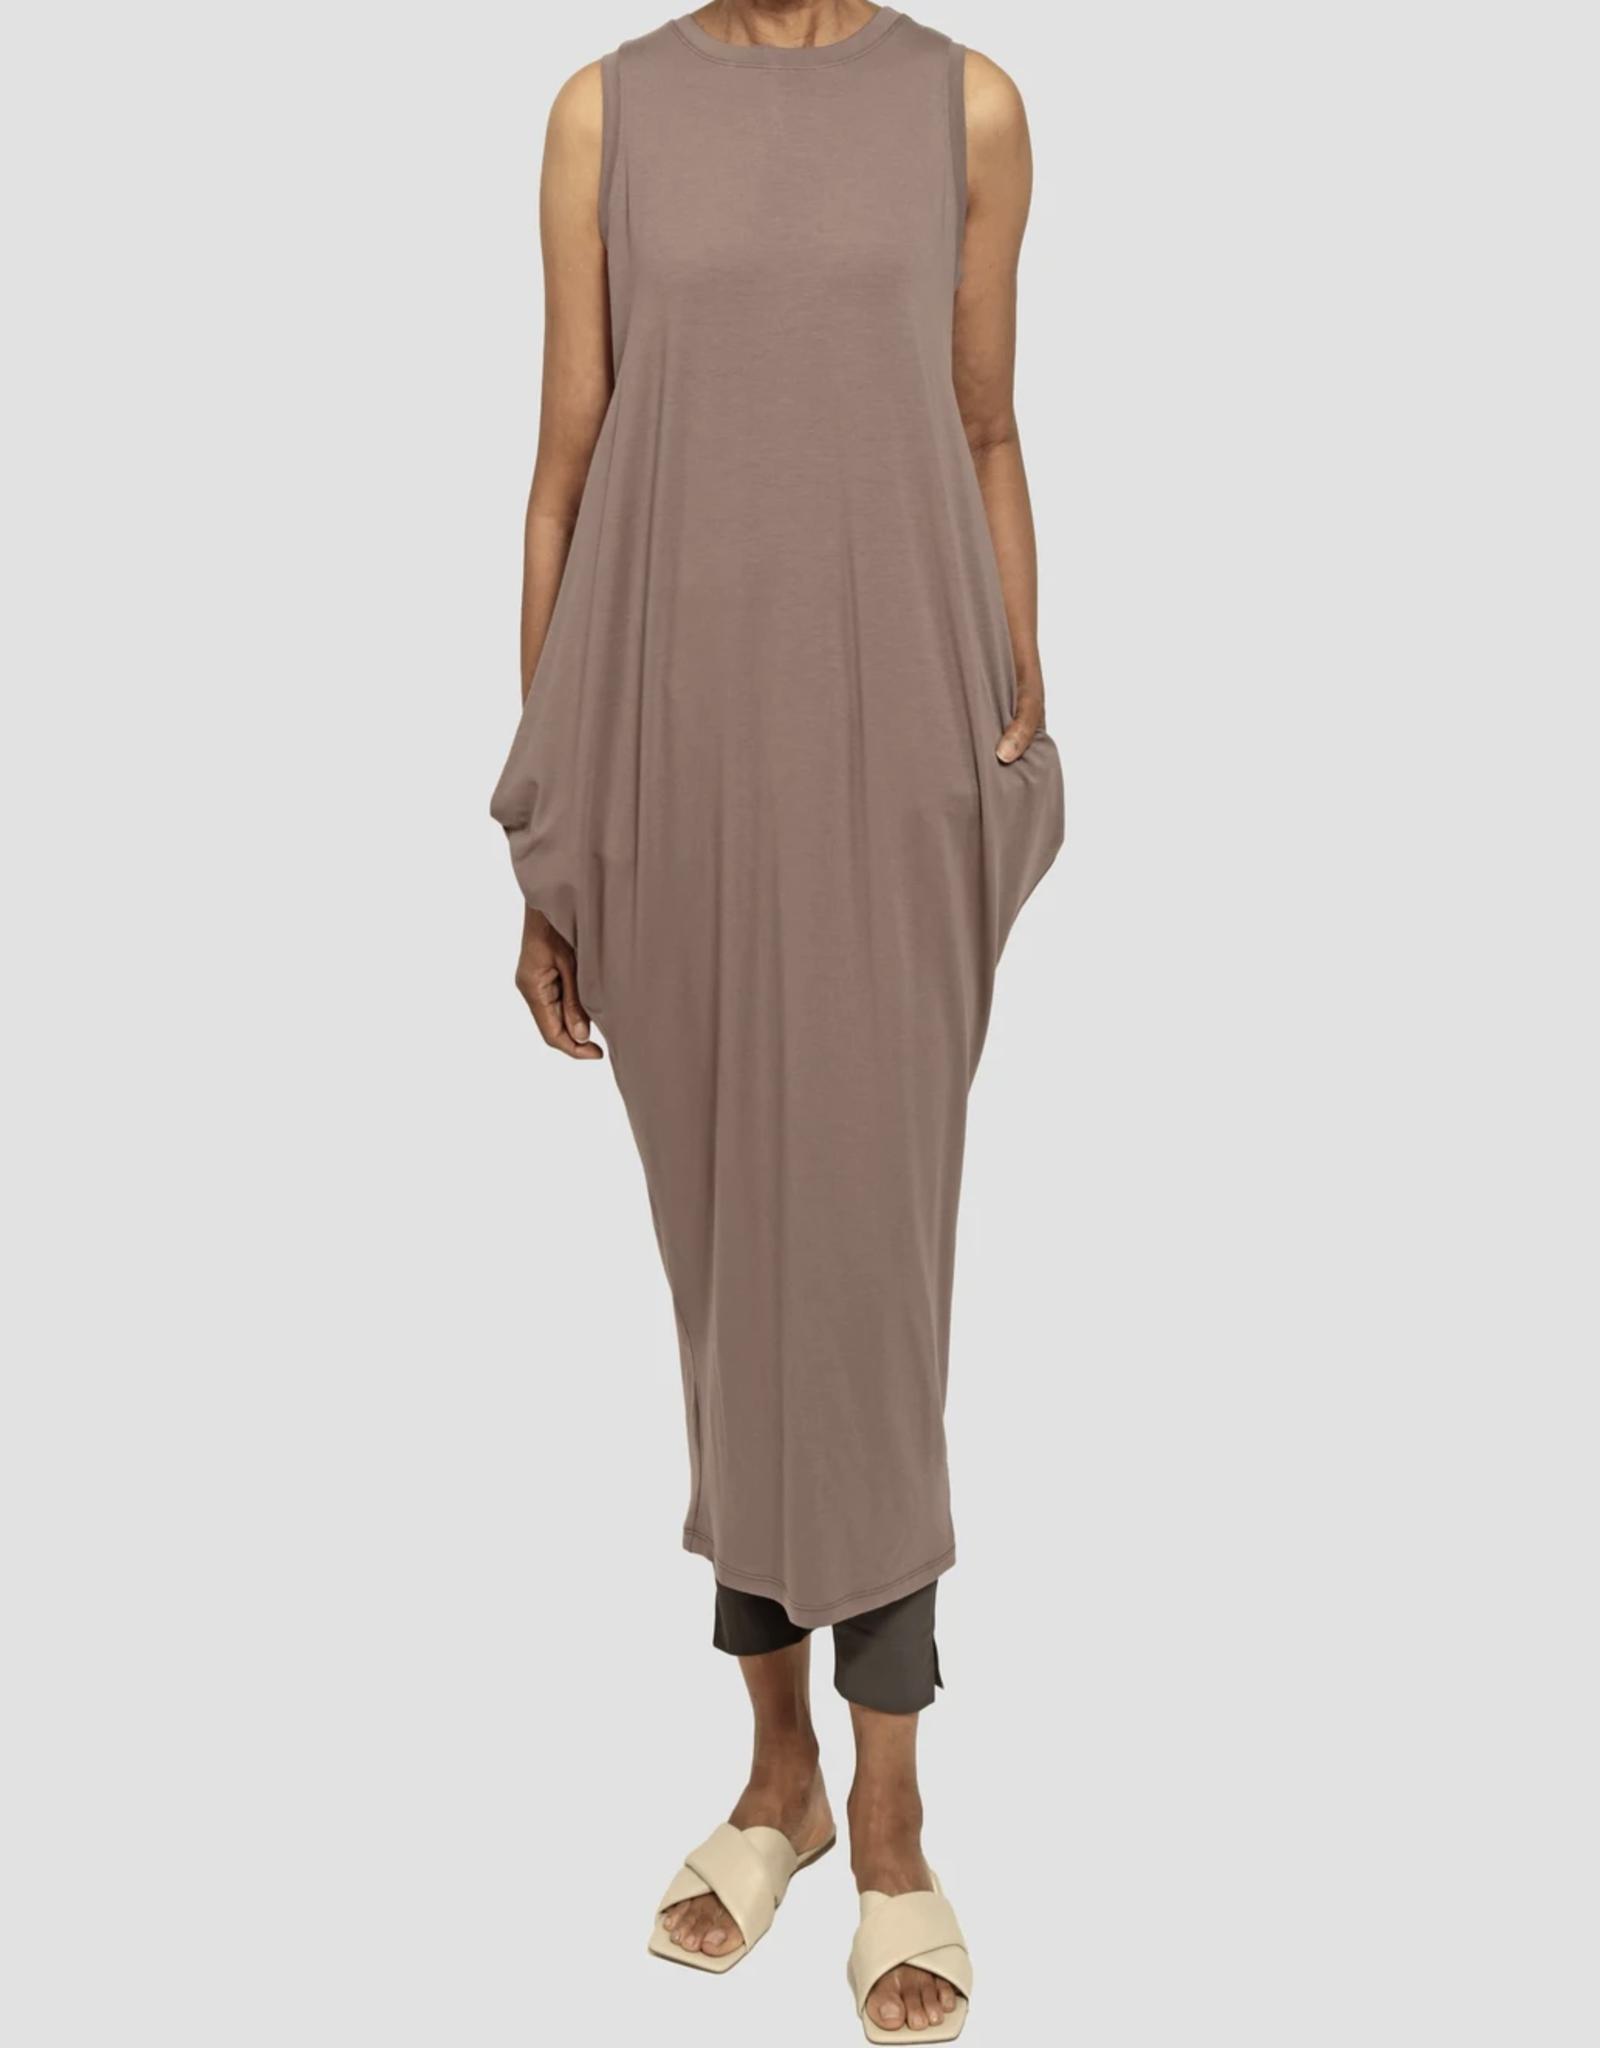 Ayrtight Ayrtight Halo Vice Dress